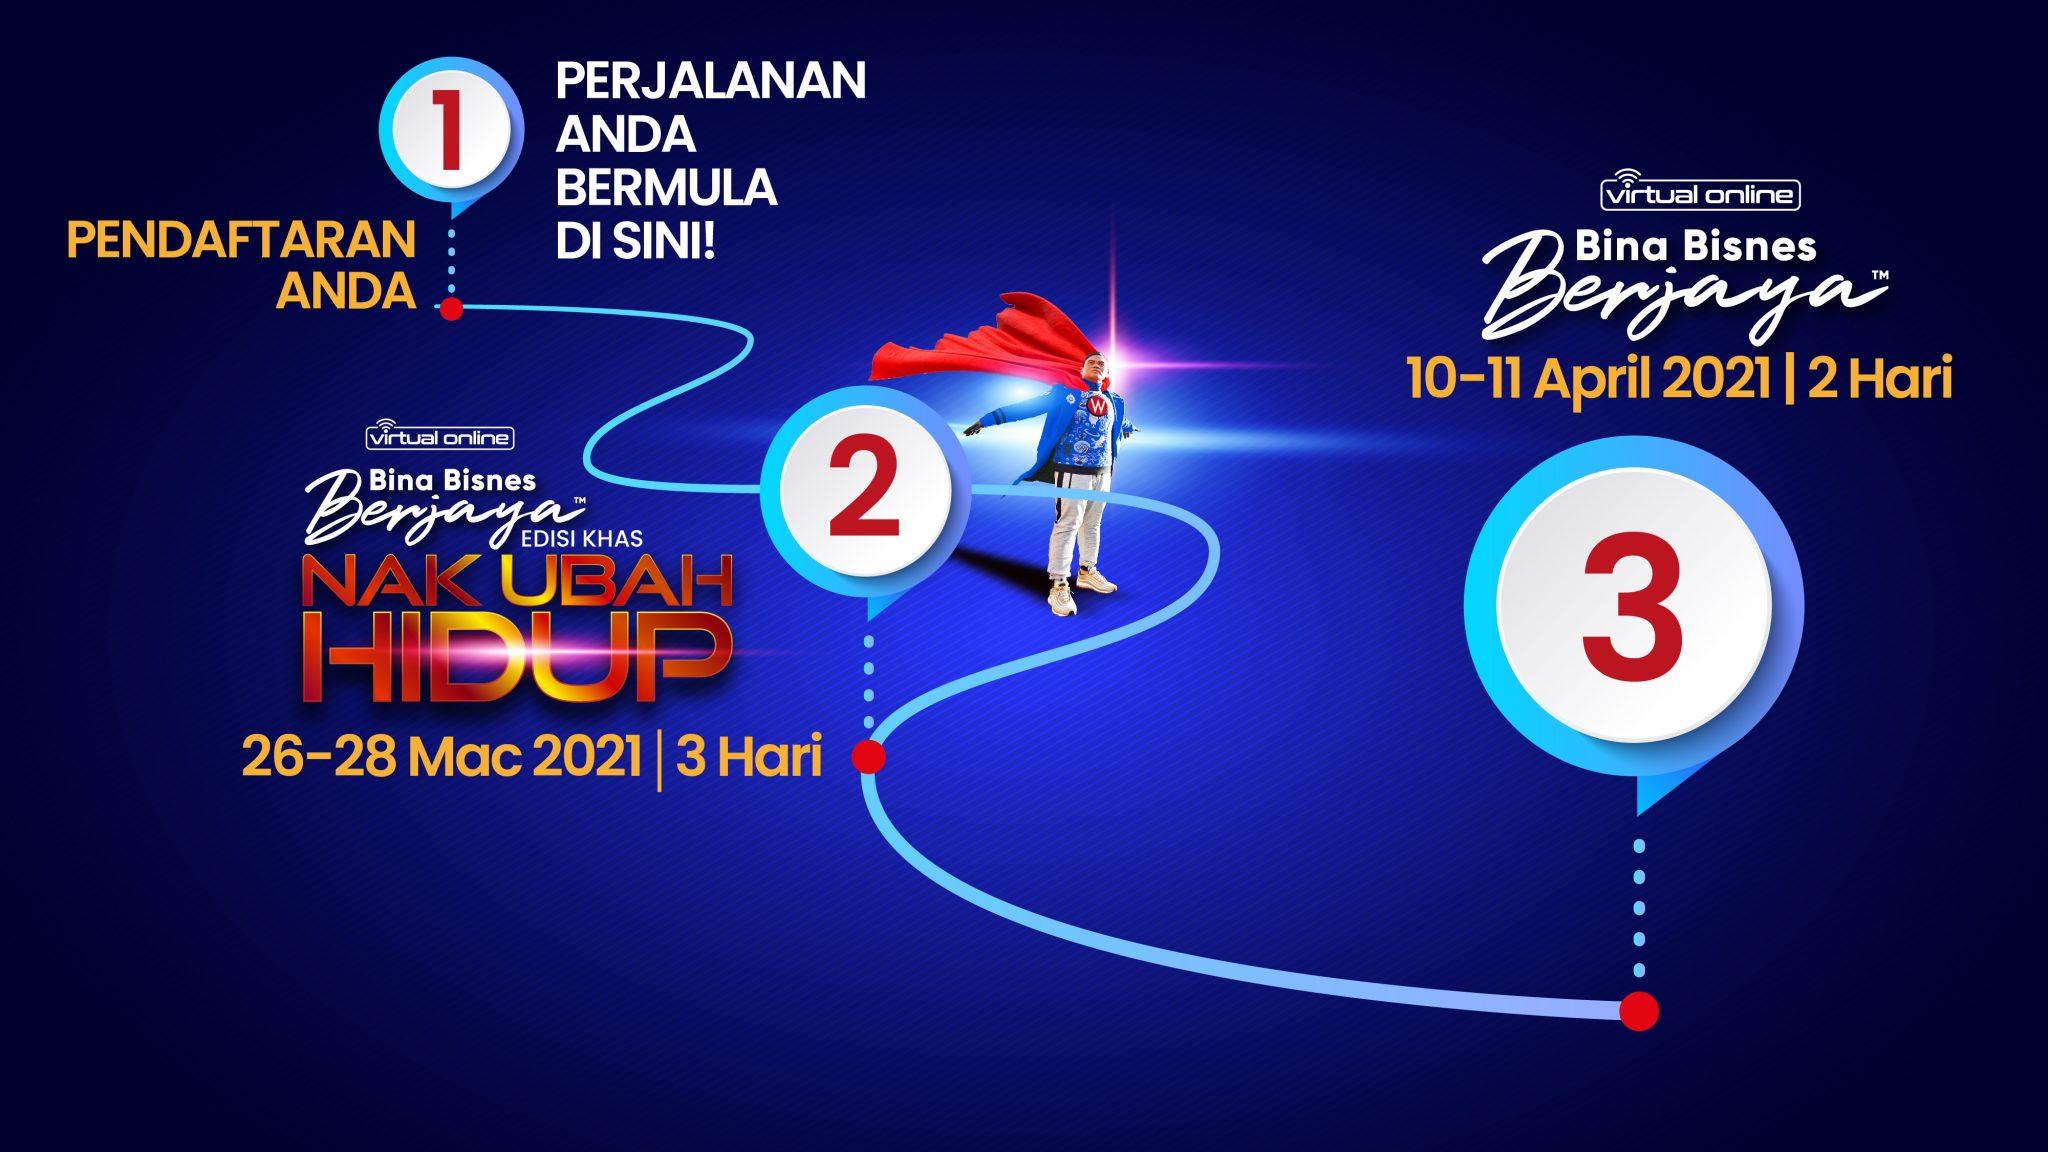 Program Richworks Dr. Azizan Osman